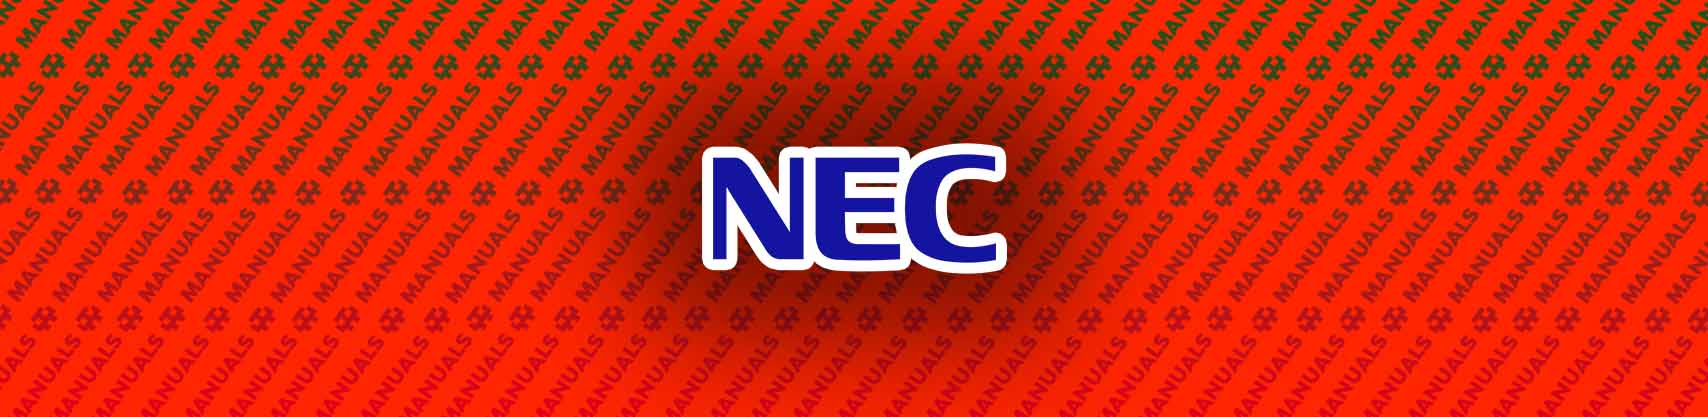 NEC SV9100 Manual